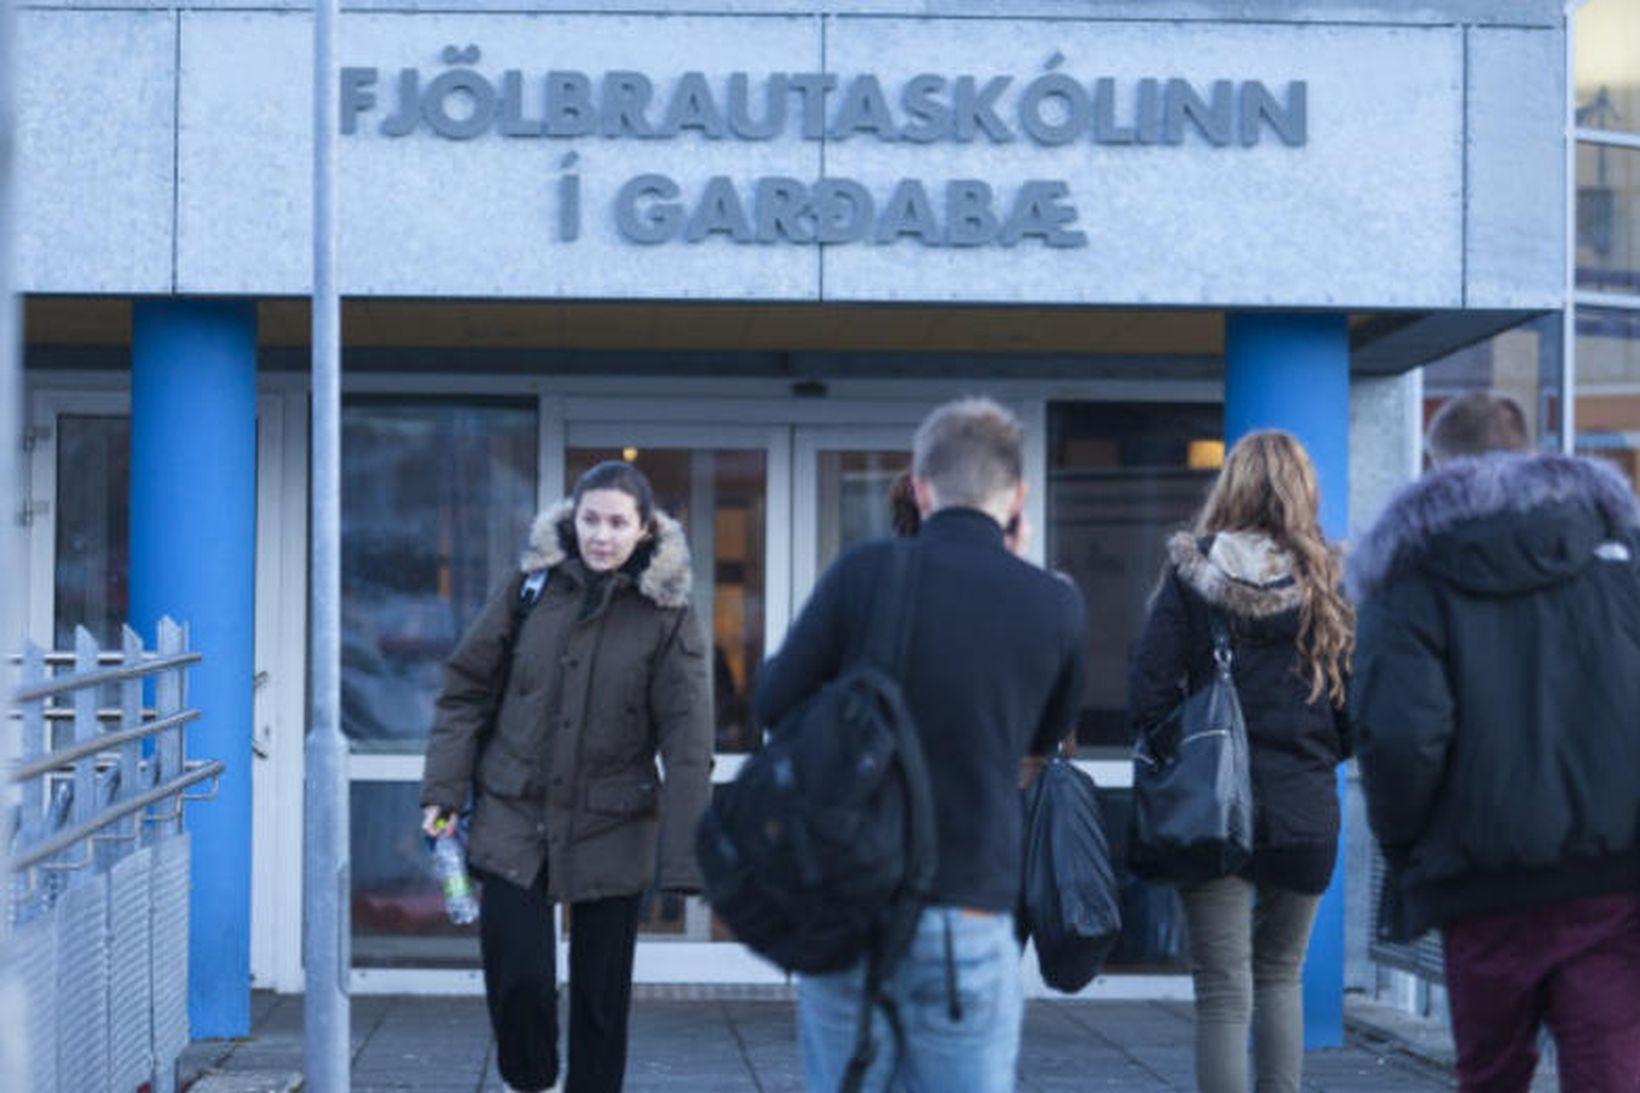 Fjölbrautaskólinn í Garðabæ. Mynd úr safni.